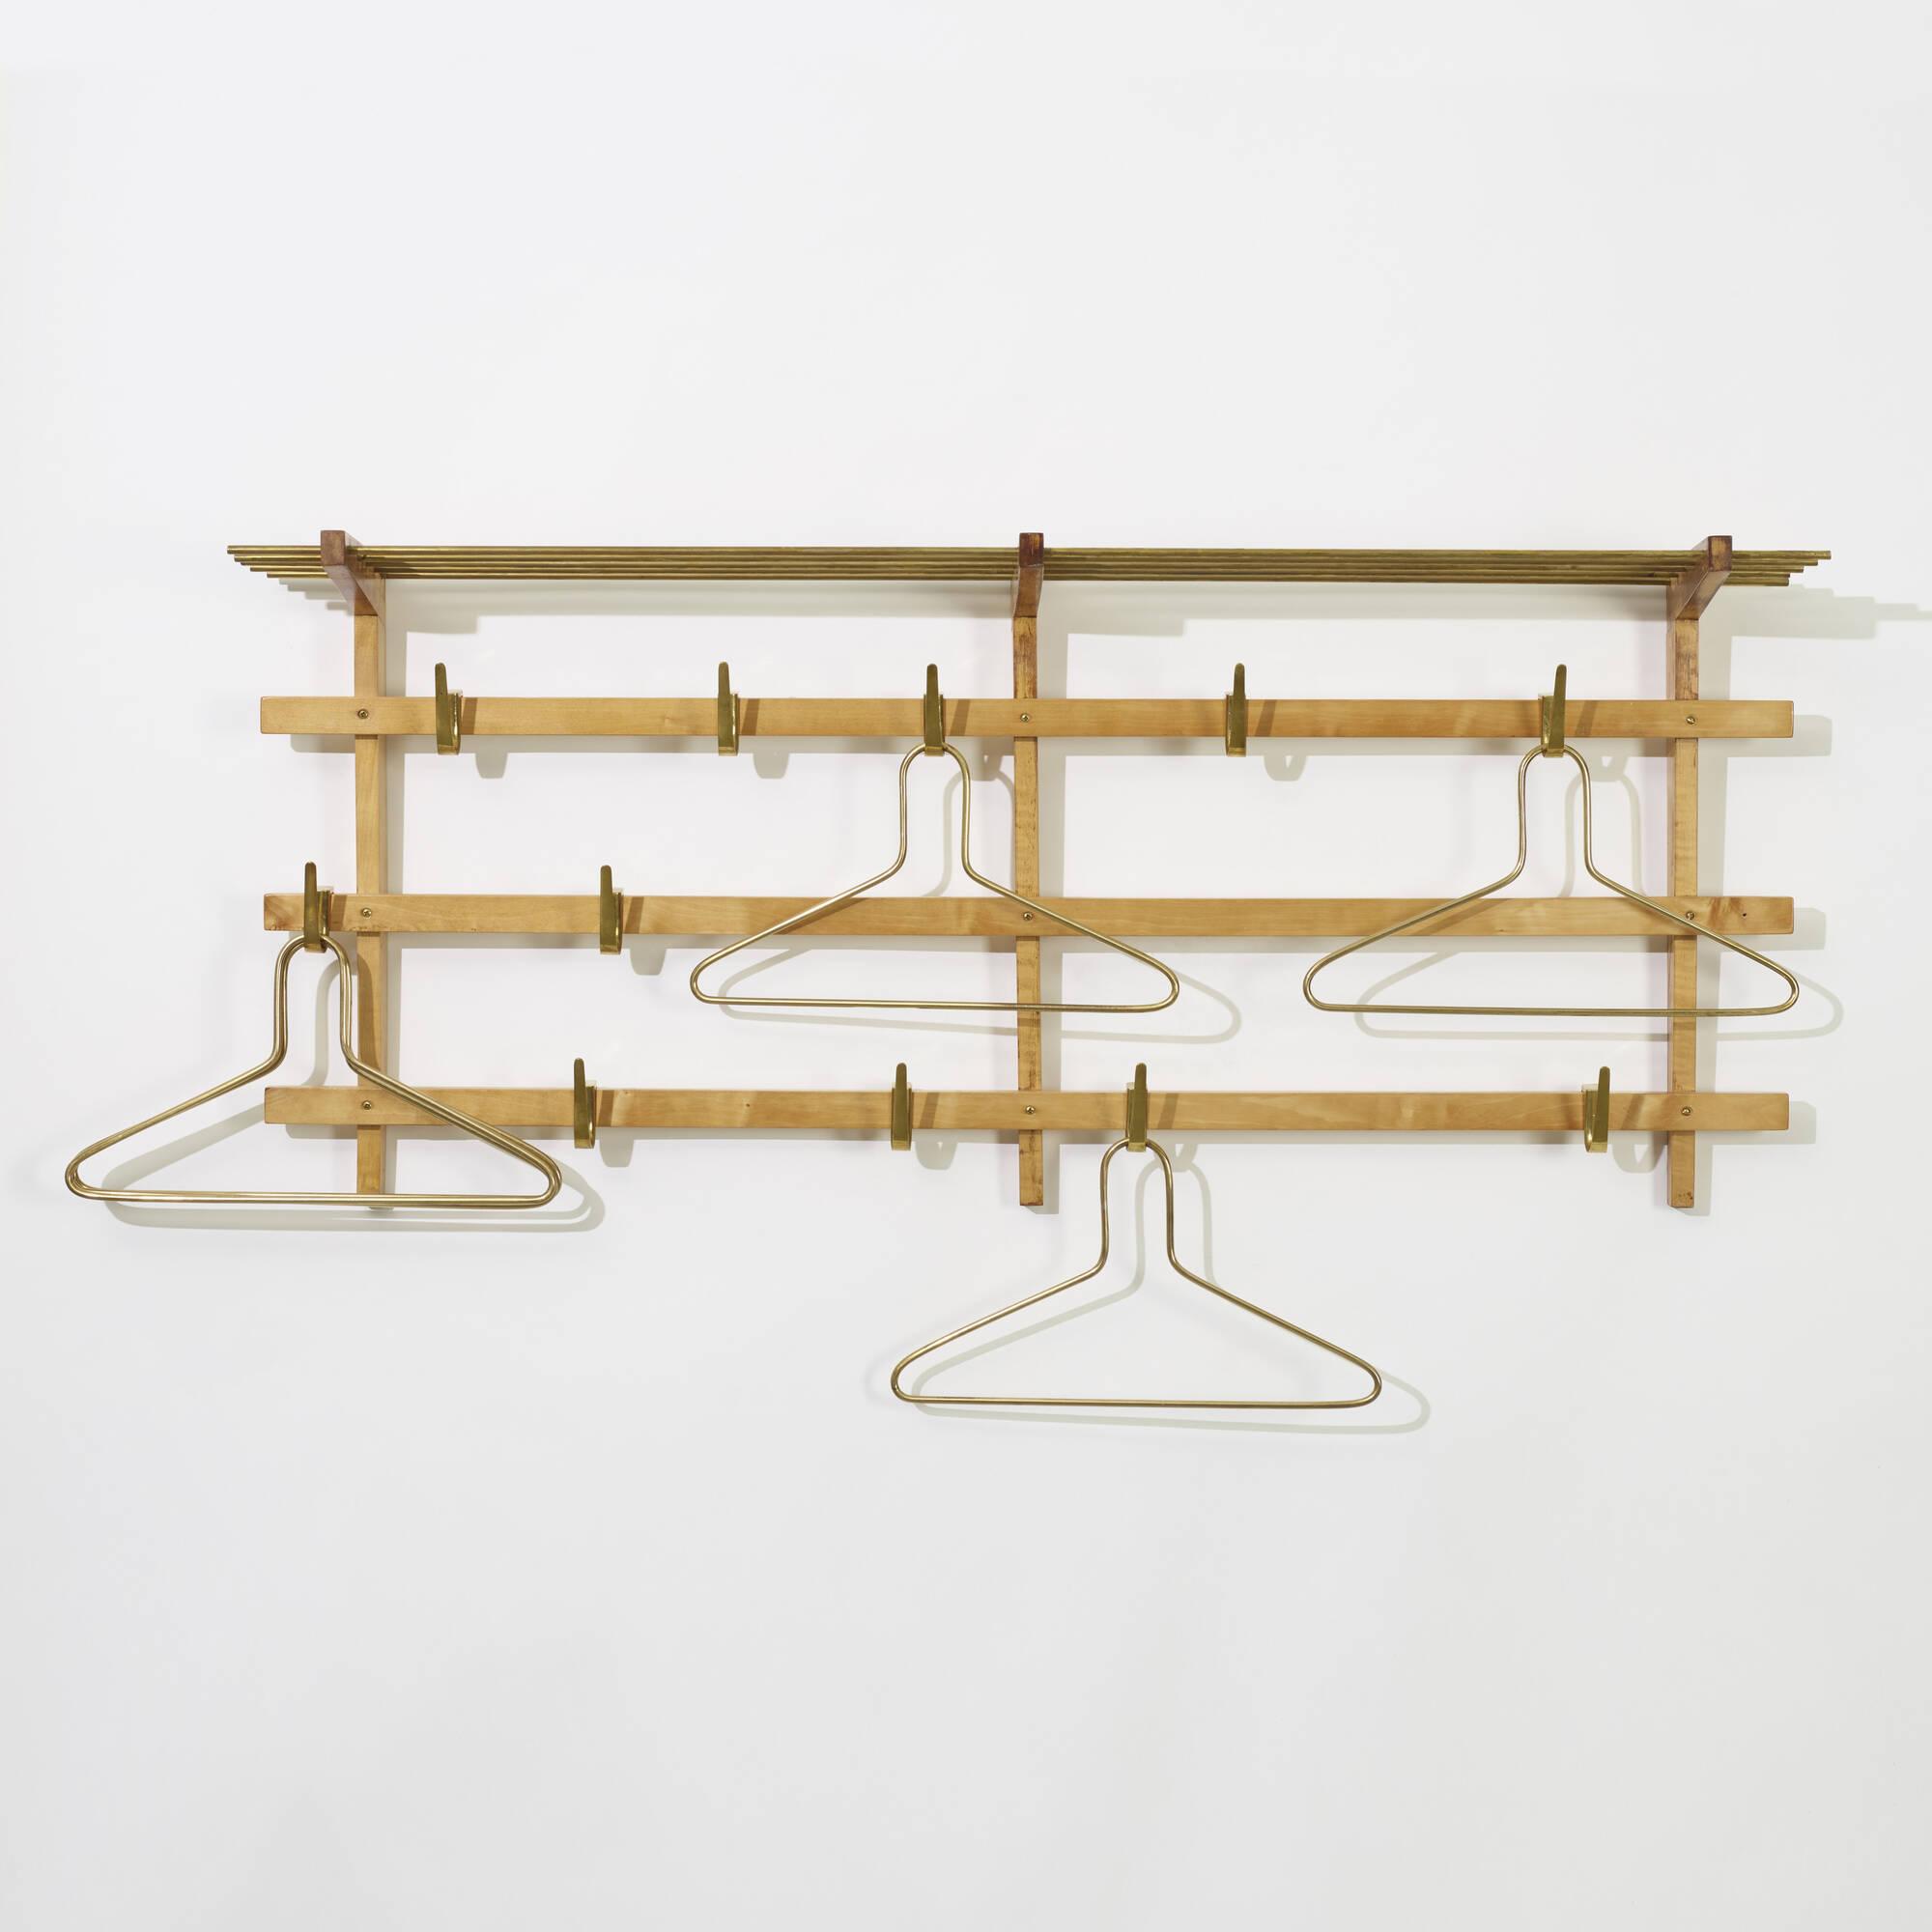 158: Carl Auböck II / custom coat rack (3 of 3)